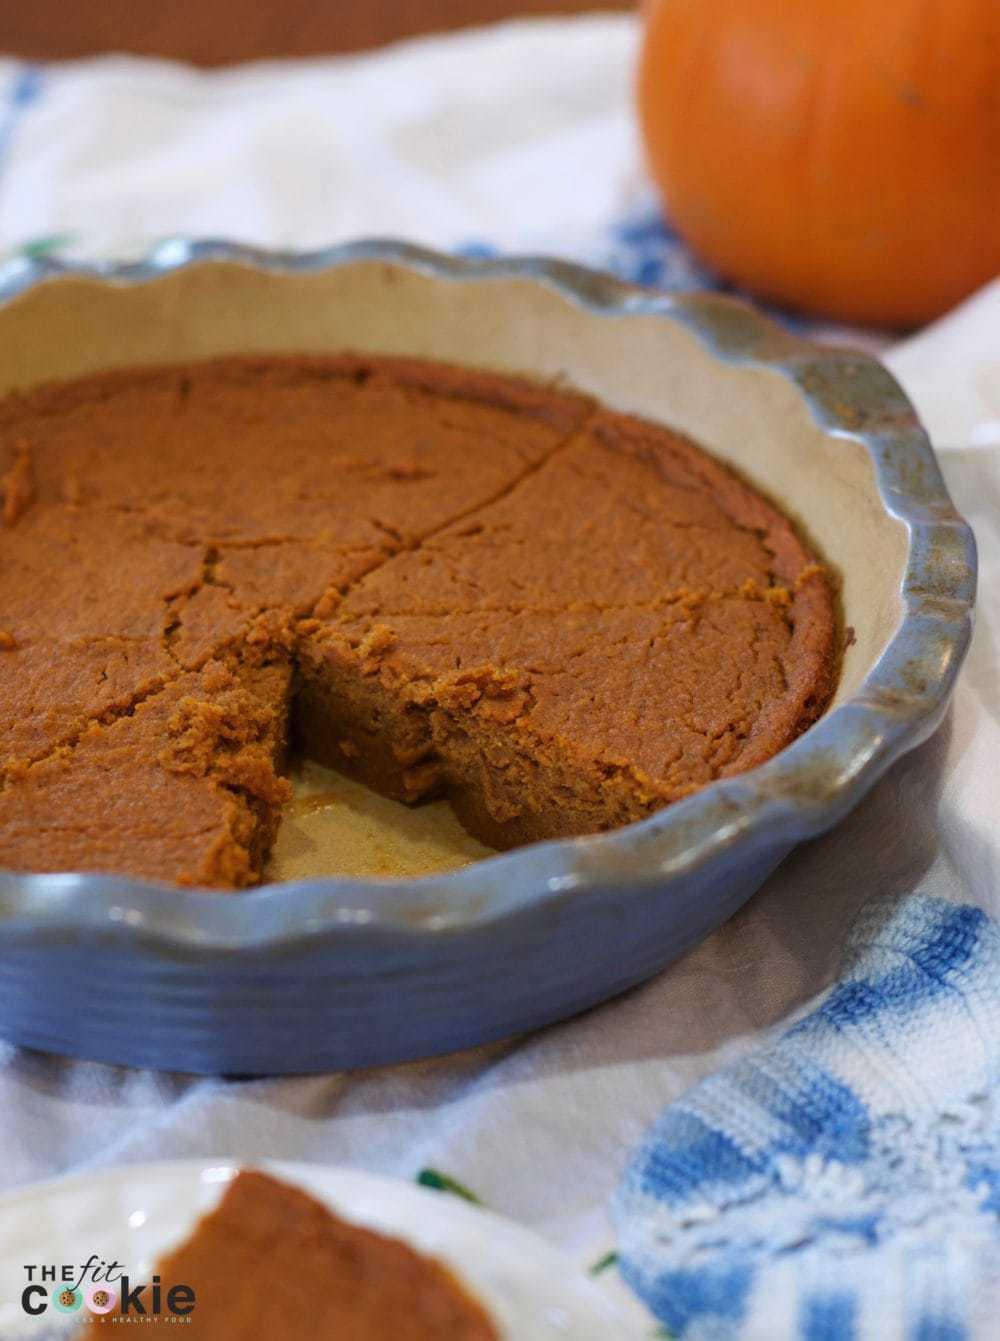 dairy free gluten free crustless pumpkin pie for Thanksgiving